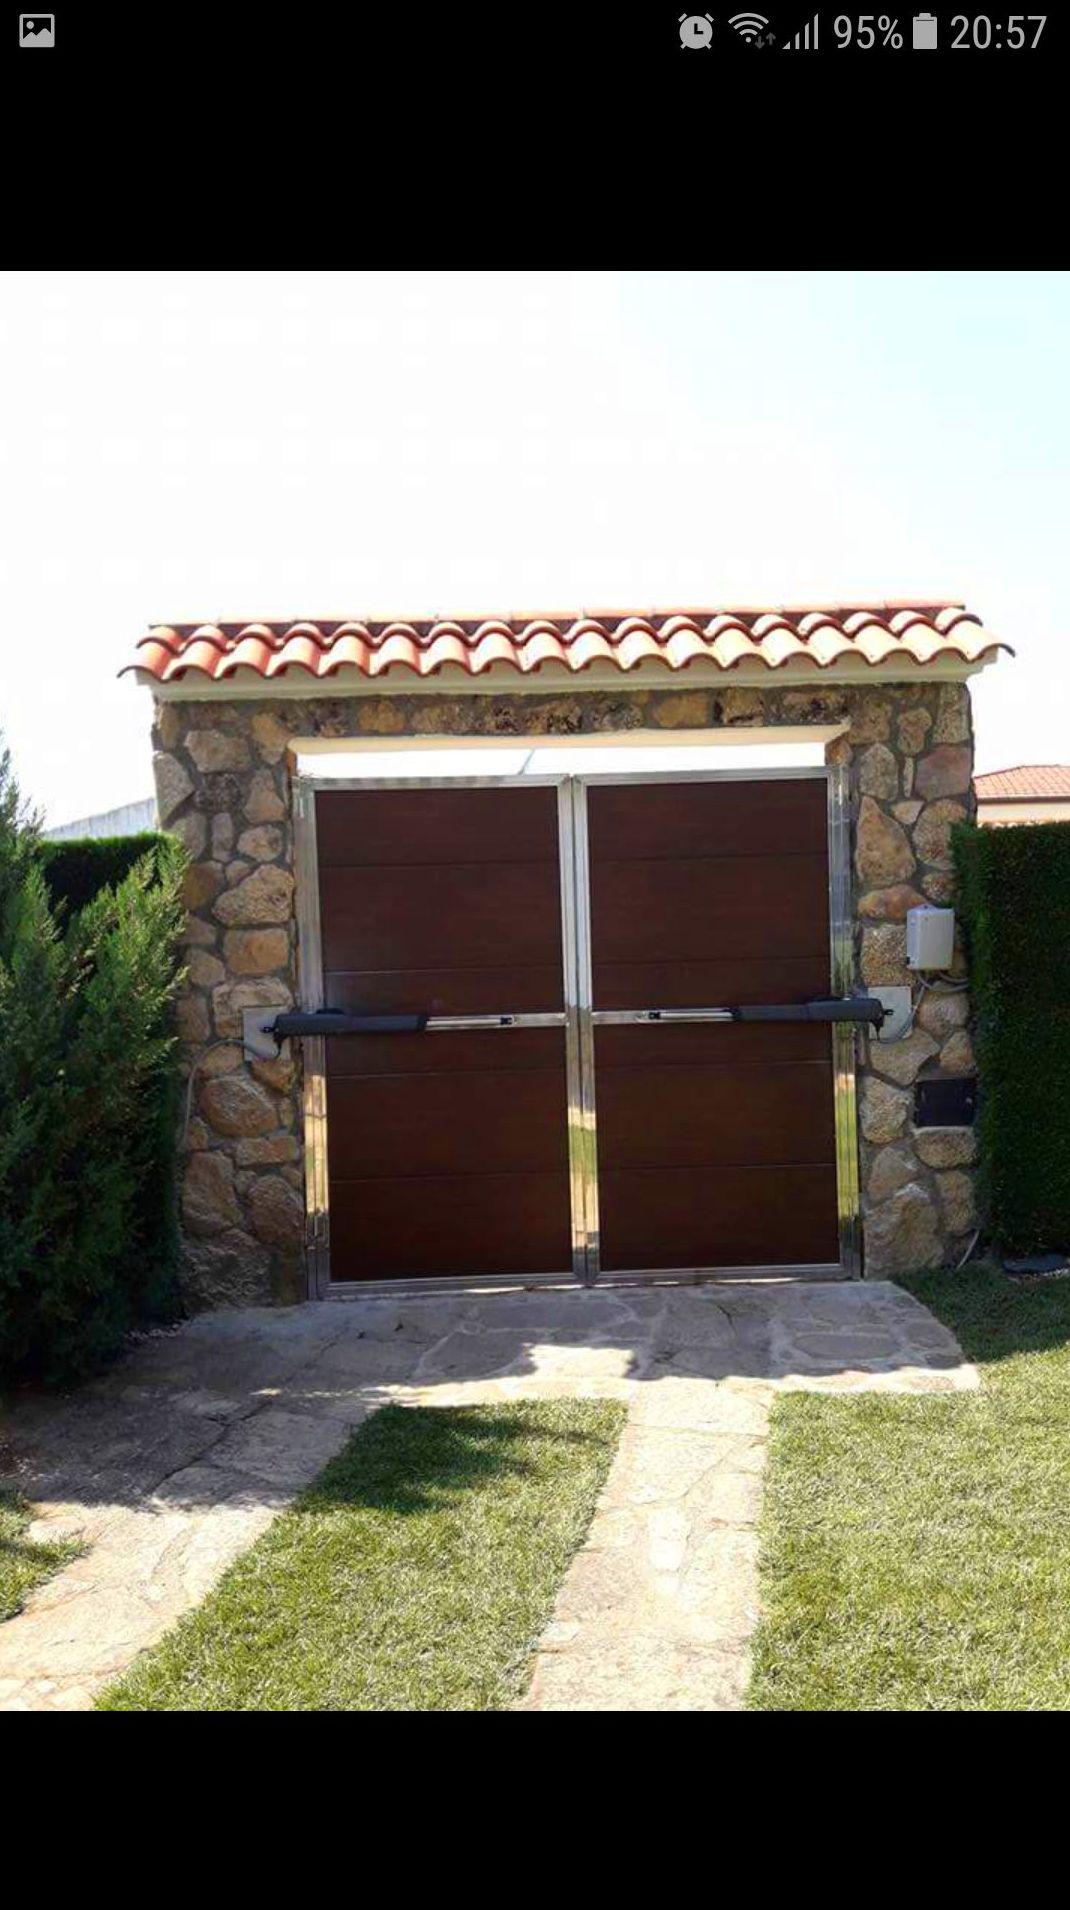 Puerta de acero inoxidable, panel abatible con motores hidráulicos.